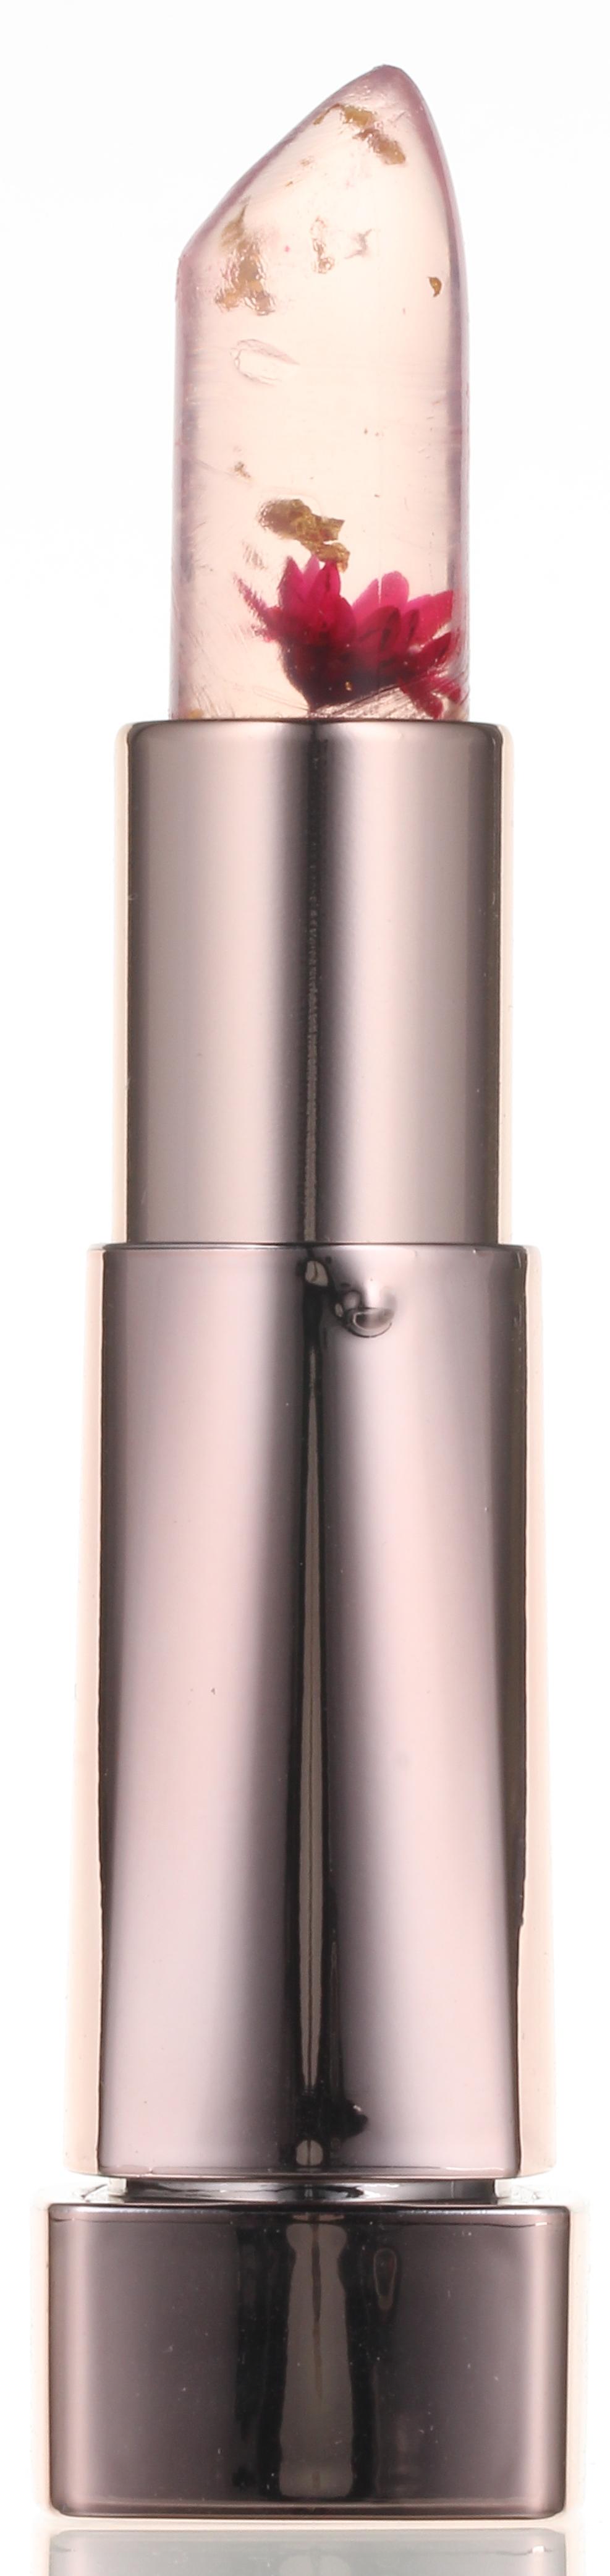 KIMS Помада-бальзам для губ / Flower Lip Glow Crystal Red 3,3 г - Бальзамы для губ